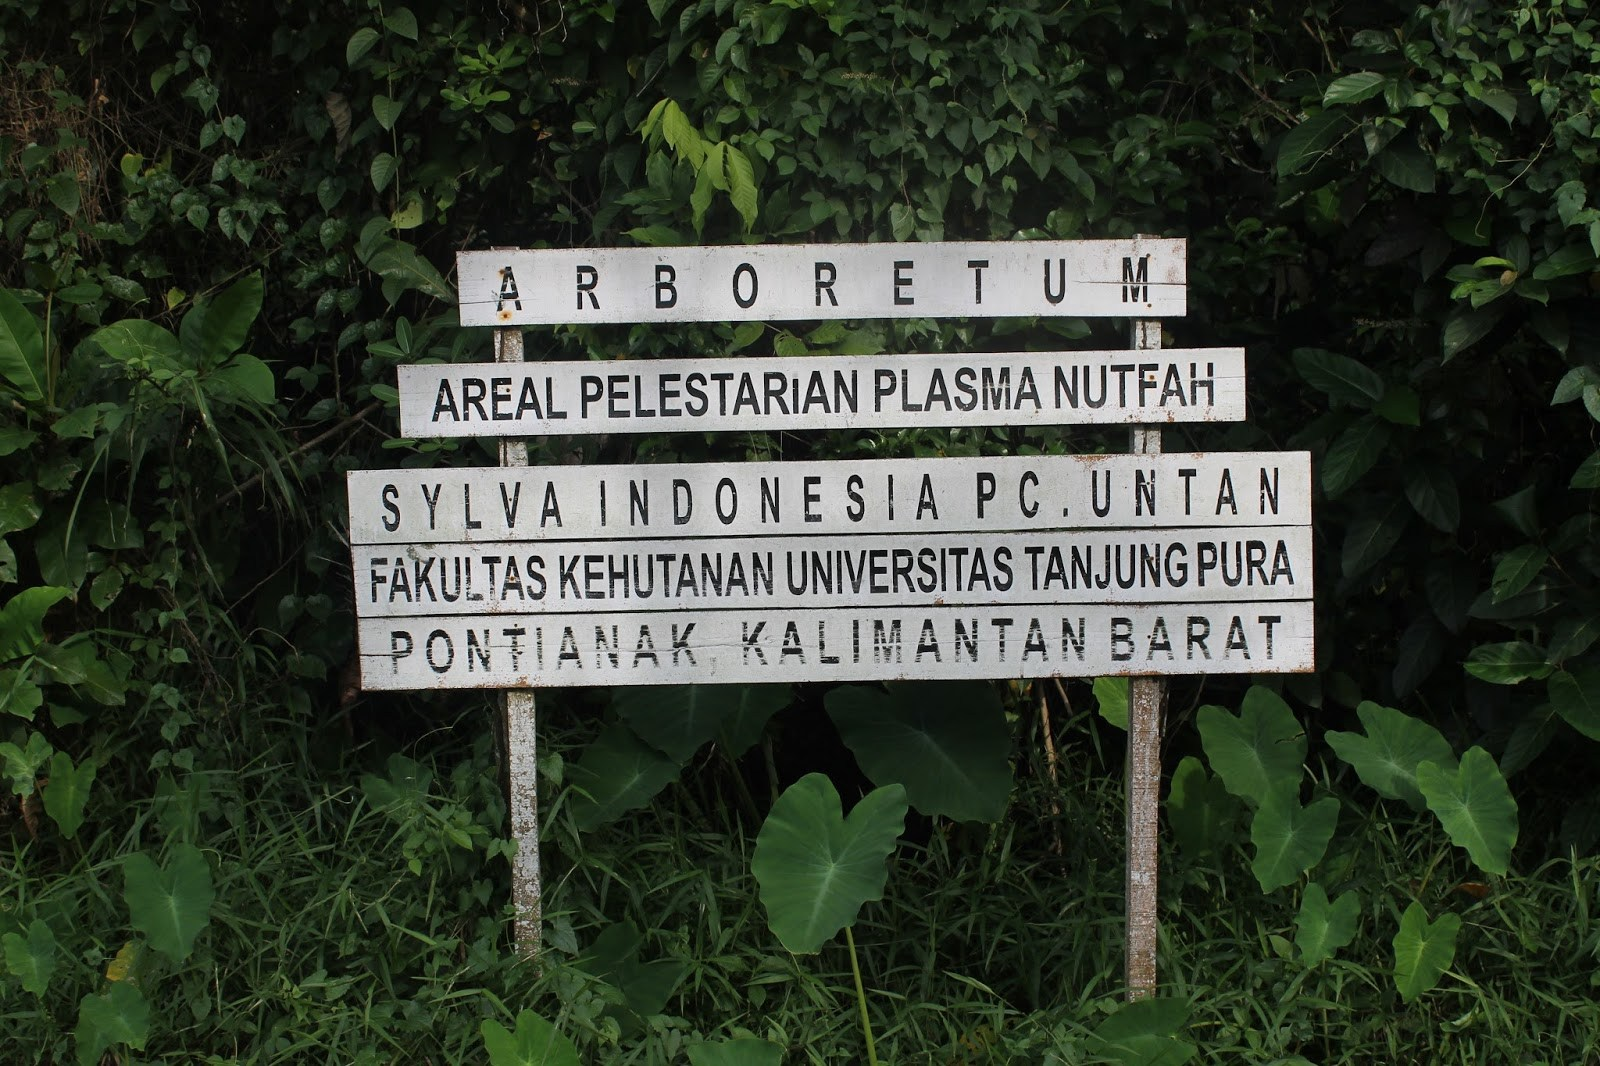 Tempat Wisata Pontianak Menarik Dikunjungi Info Hutan Kota Untan Kab